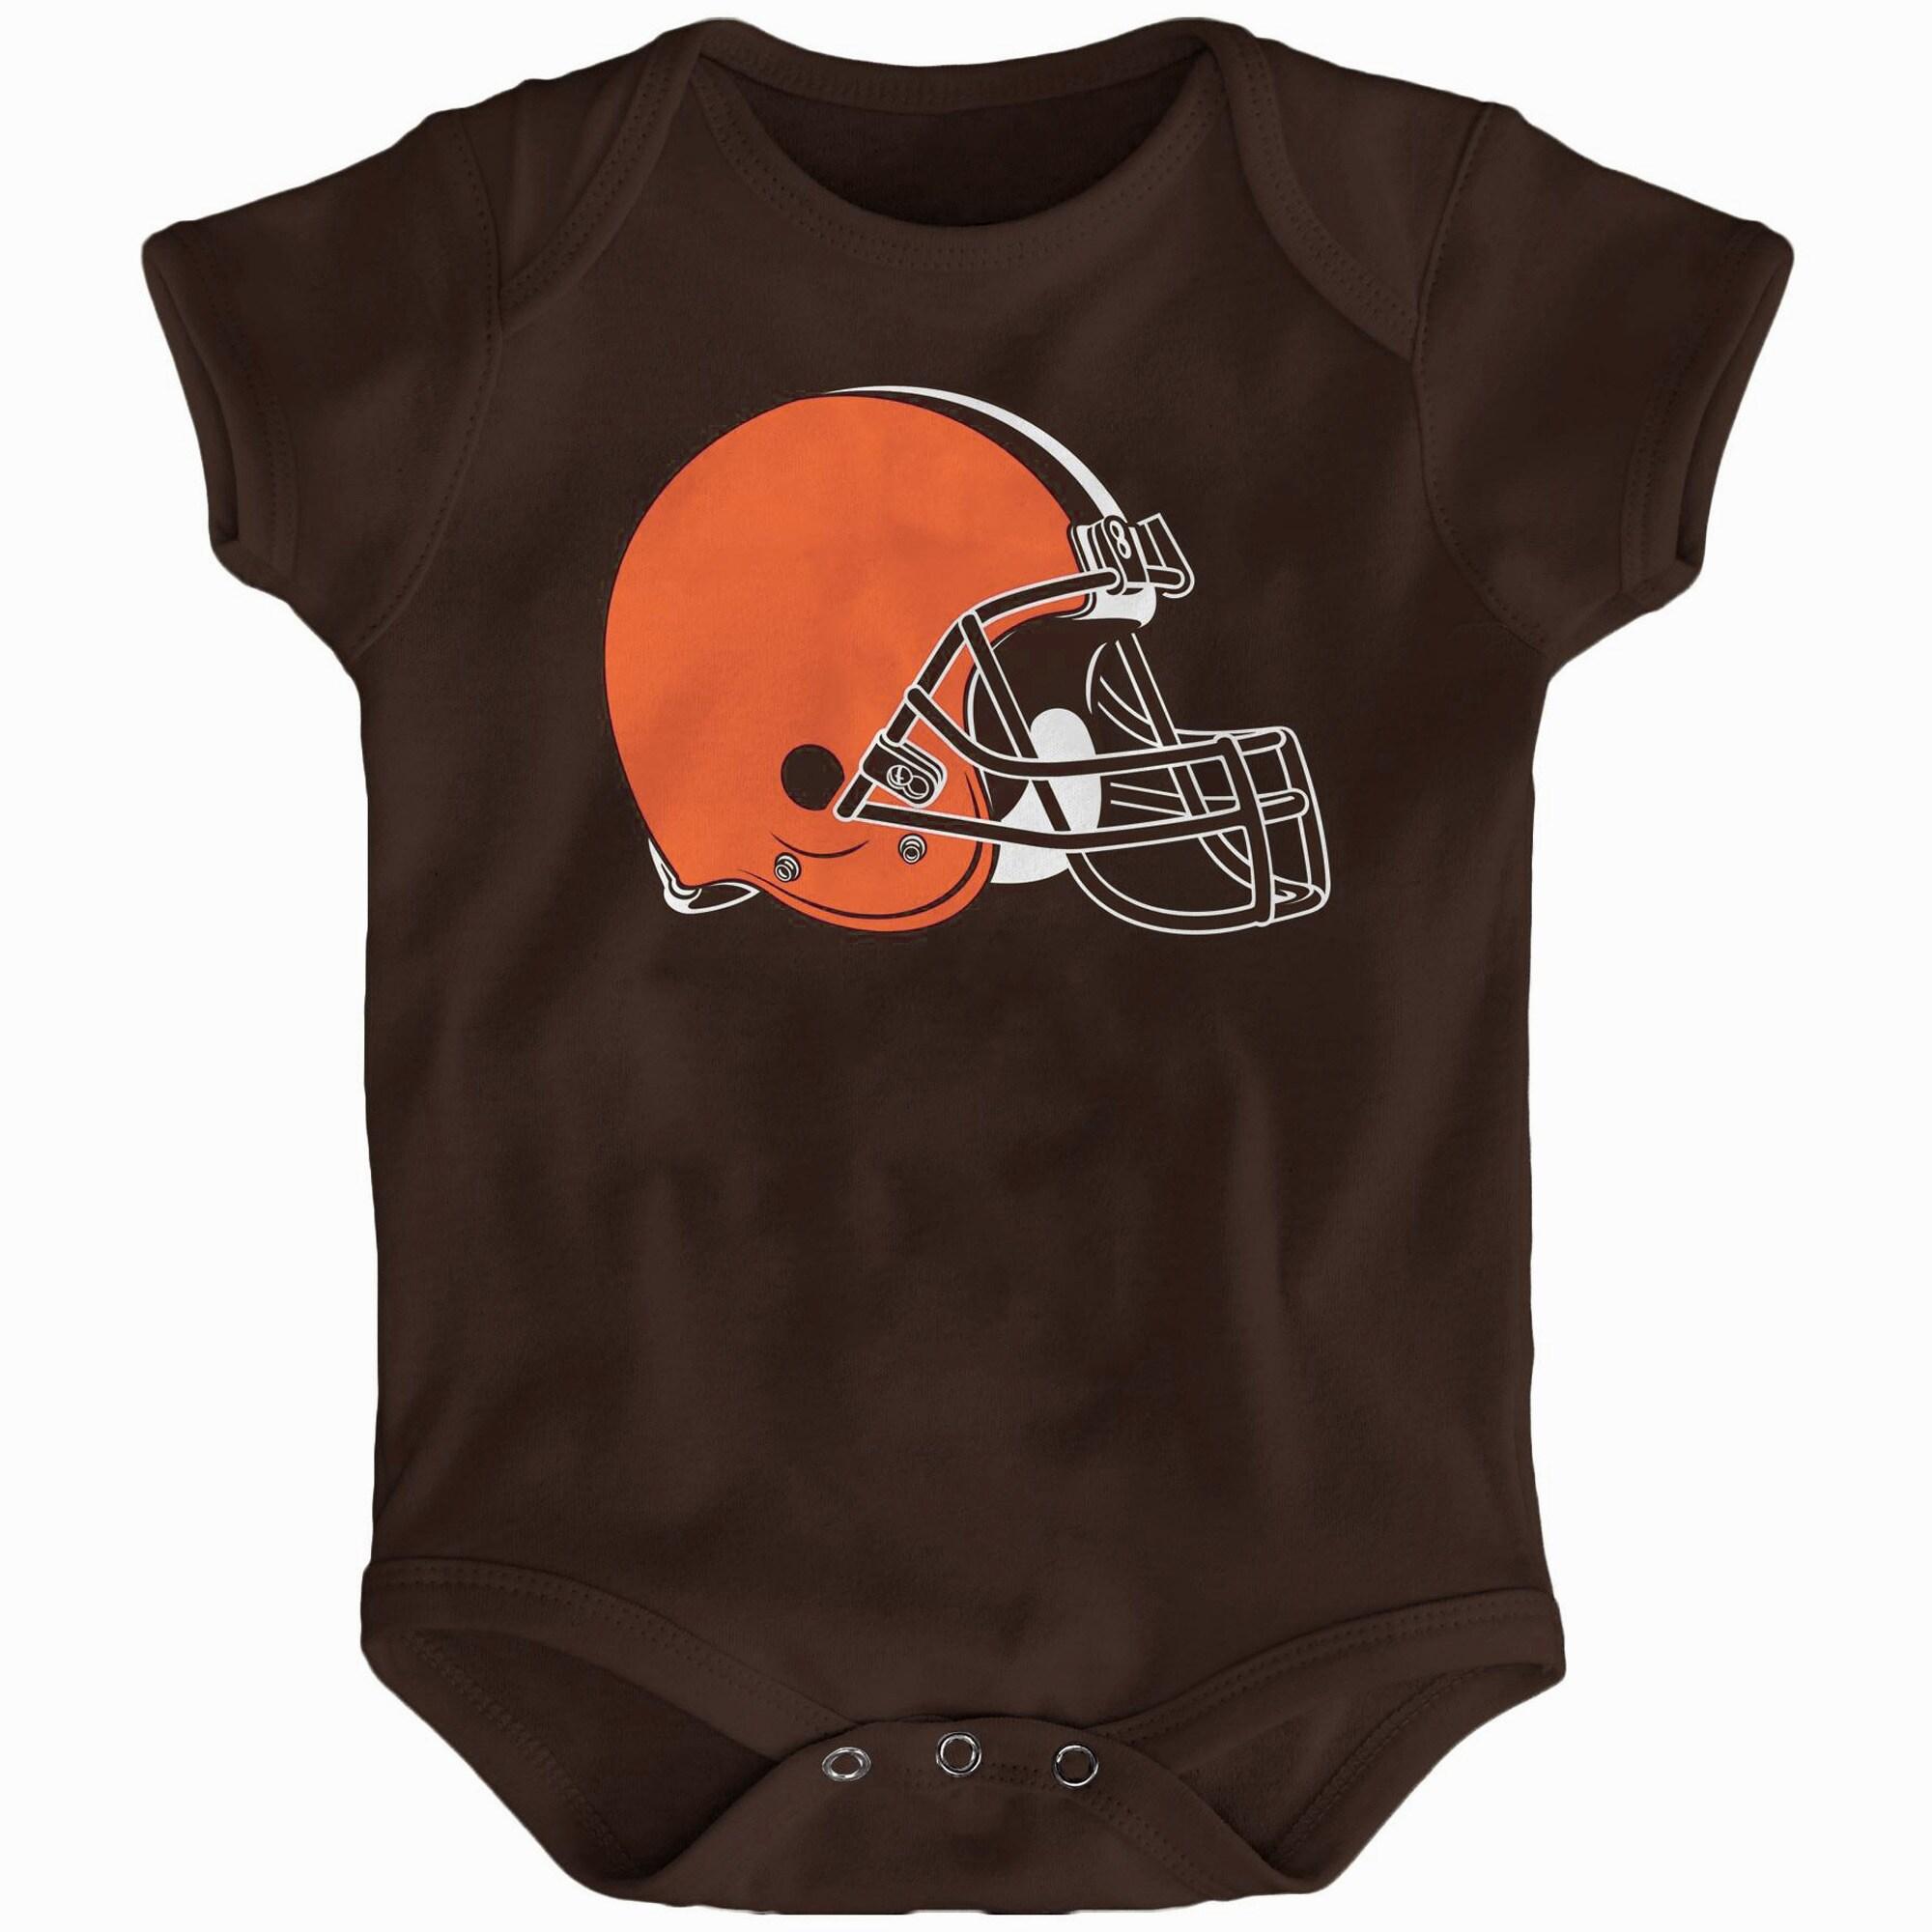 Cleveland Browns Newborn & Infant Team Logo Bodysuit - Brown